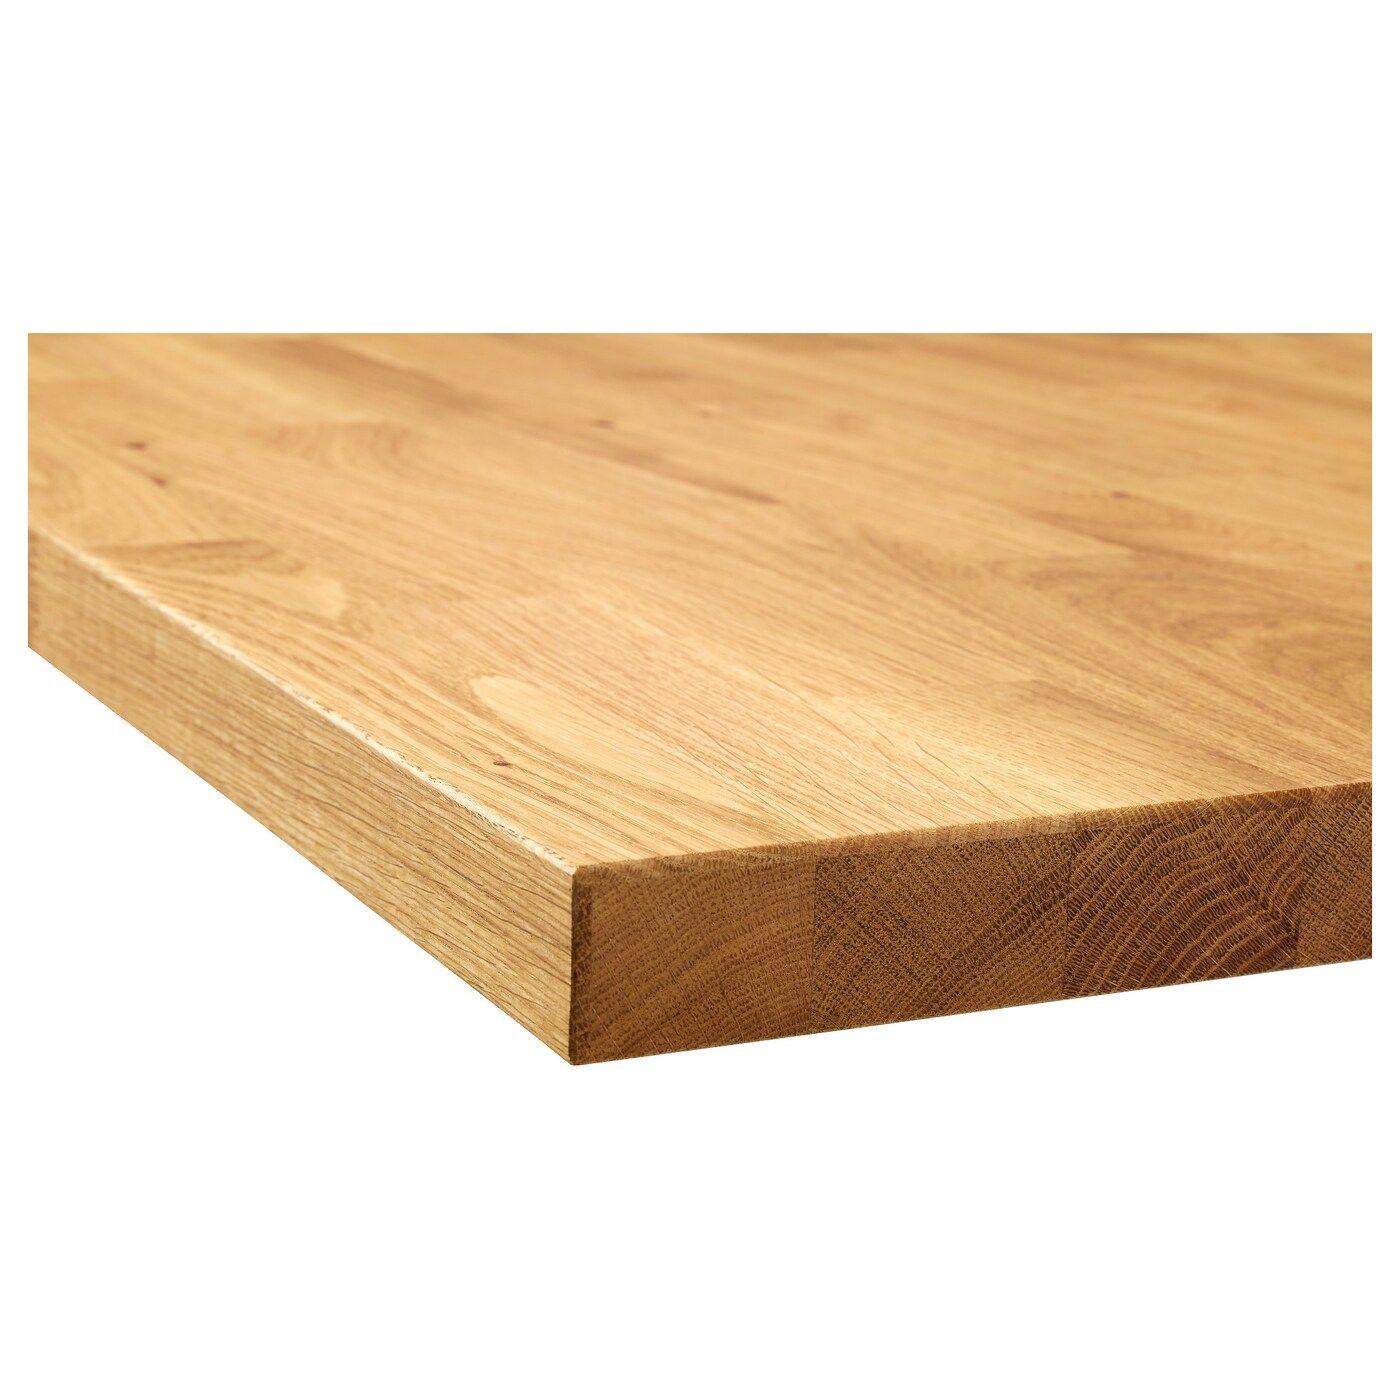 Karlby Countertop For Kitchen Island Oak Veneer 74x42x1 1 2 Karlby Countertop Countertops Kitchen Island Oak